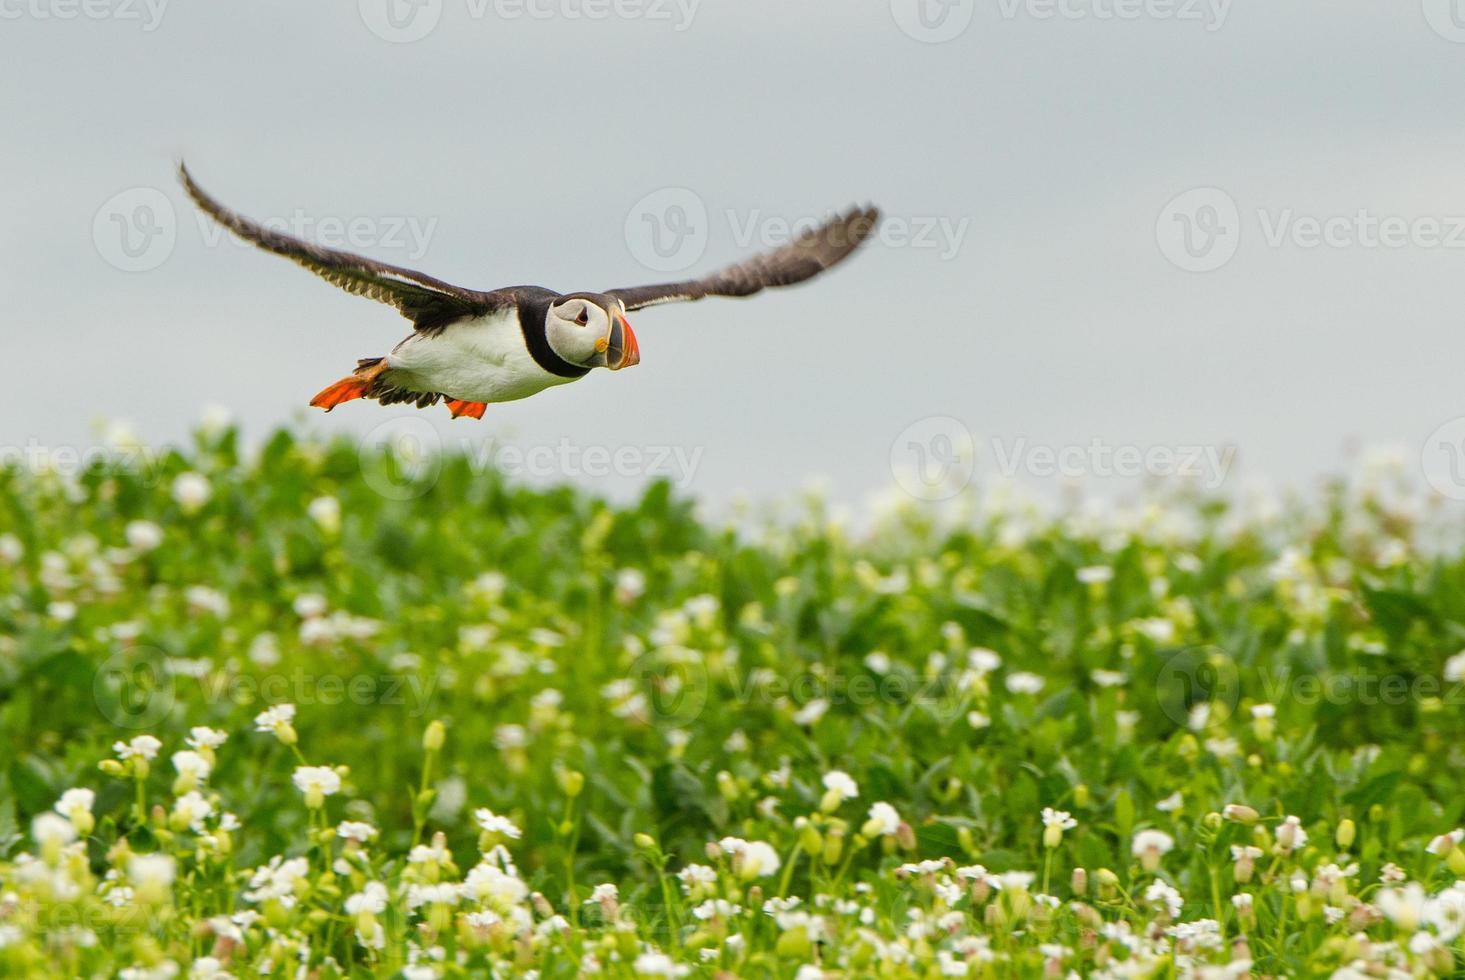 fliegender Papageientaucher foto